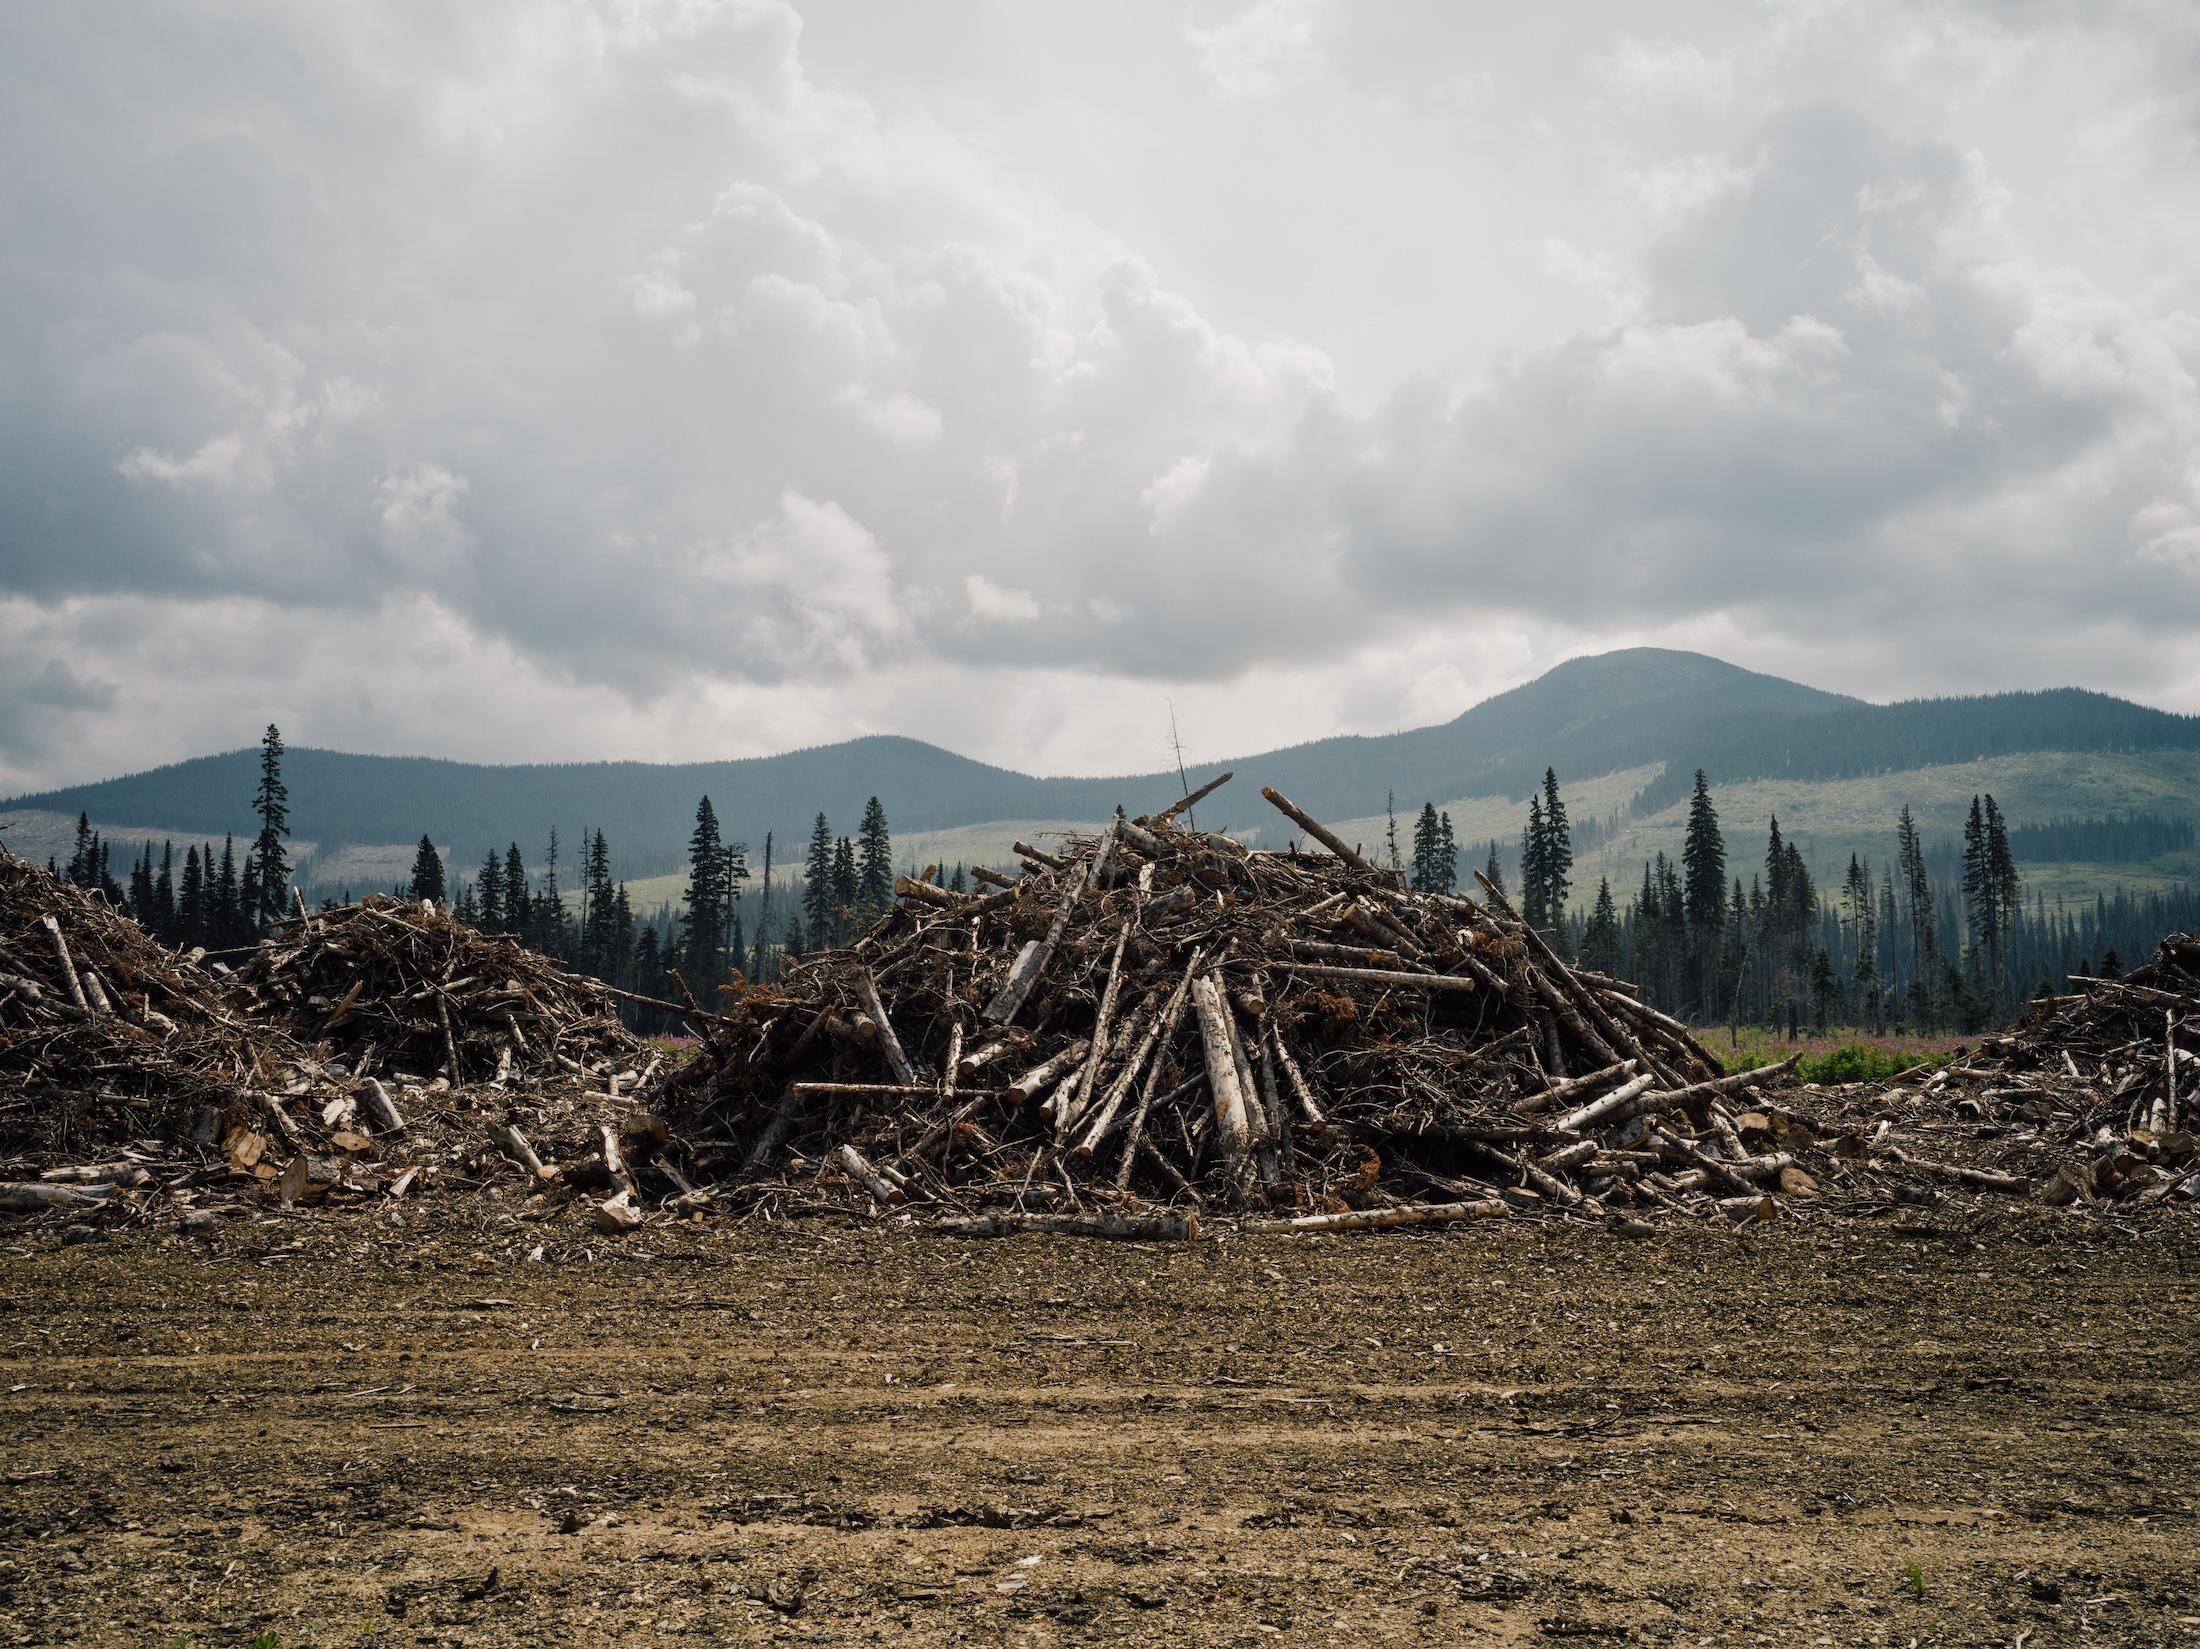 Spruce Inland Temperate Rainforst clear cut logging